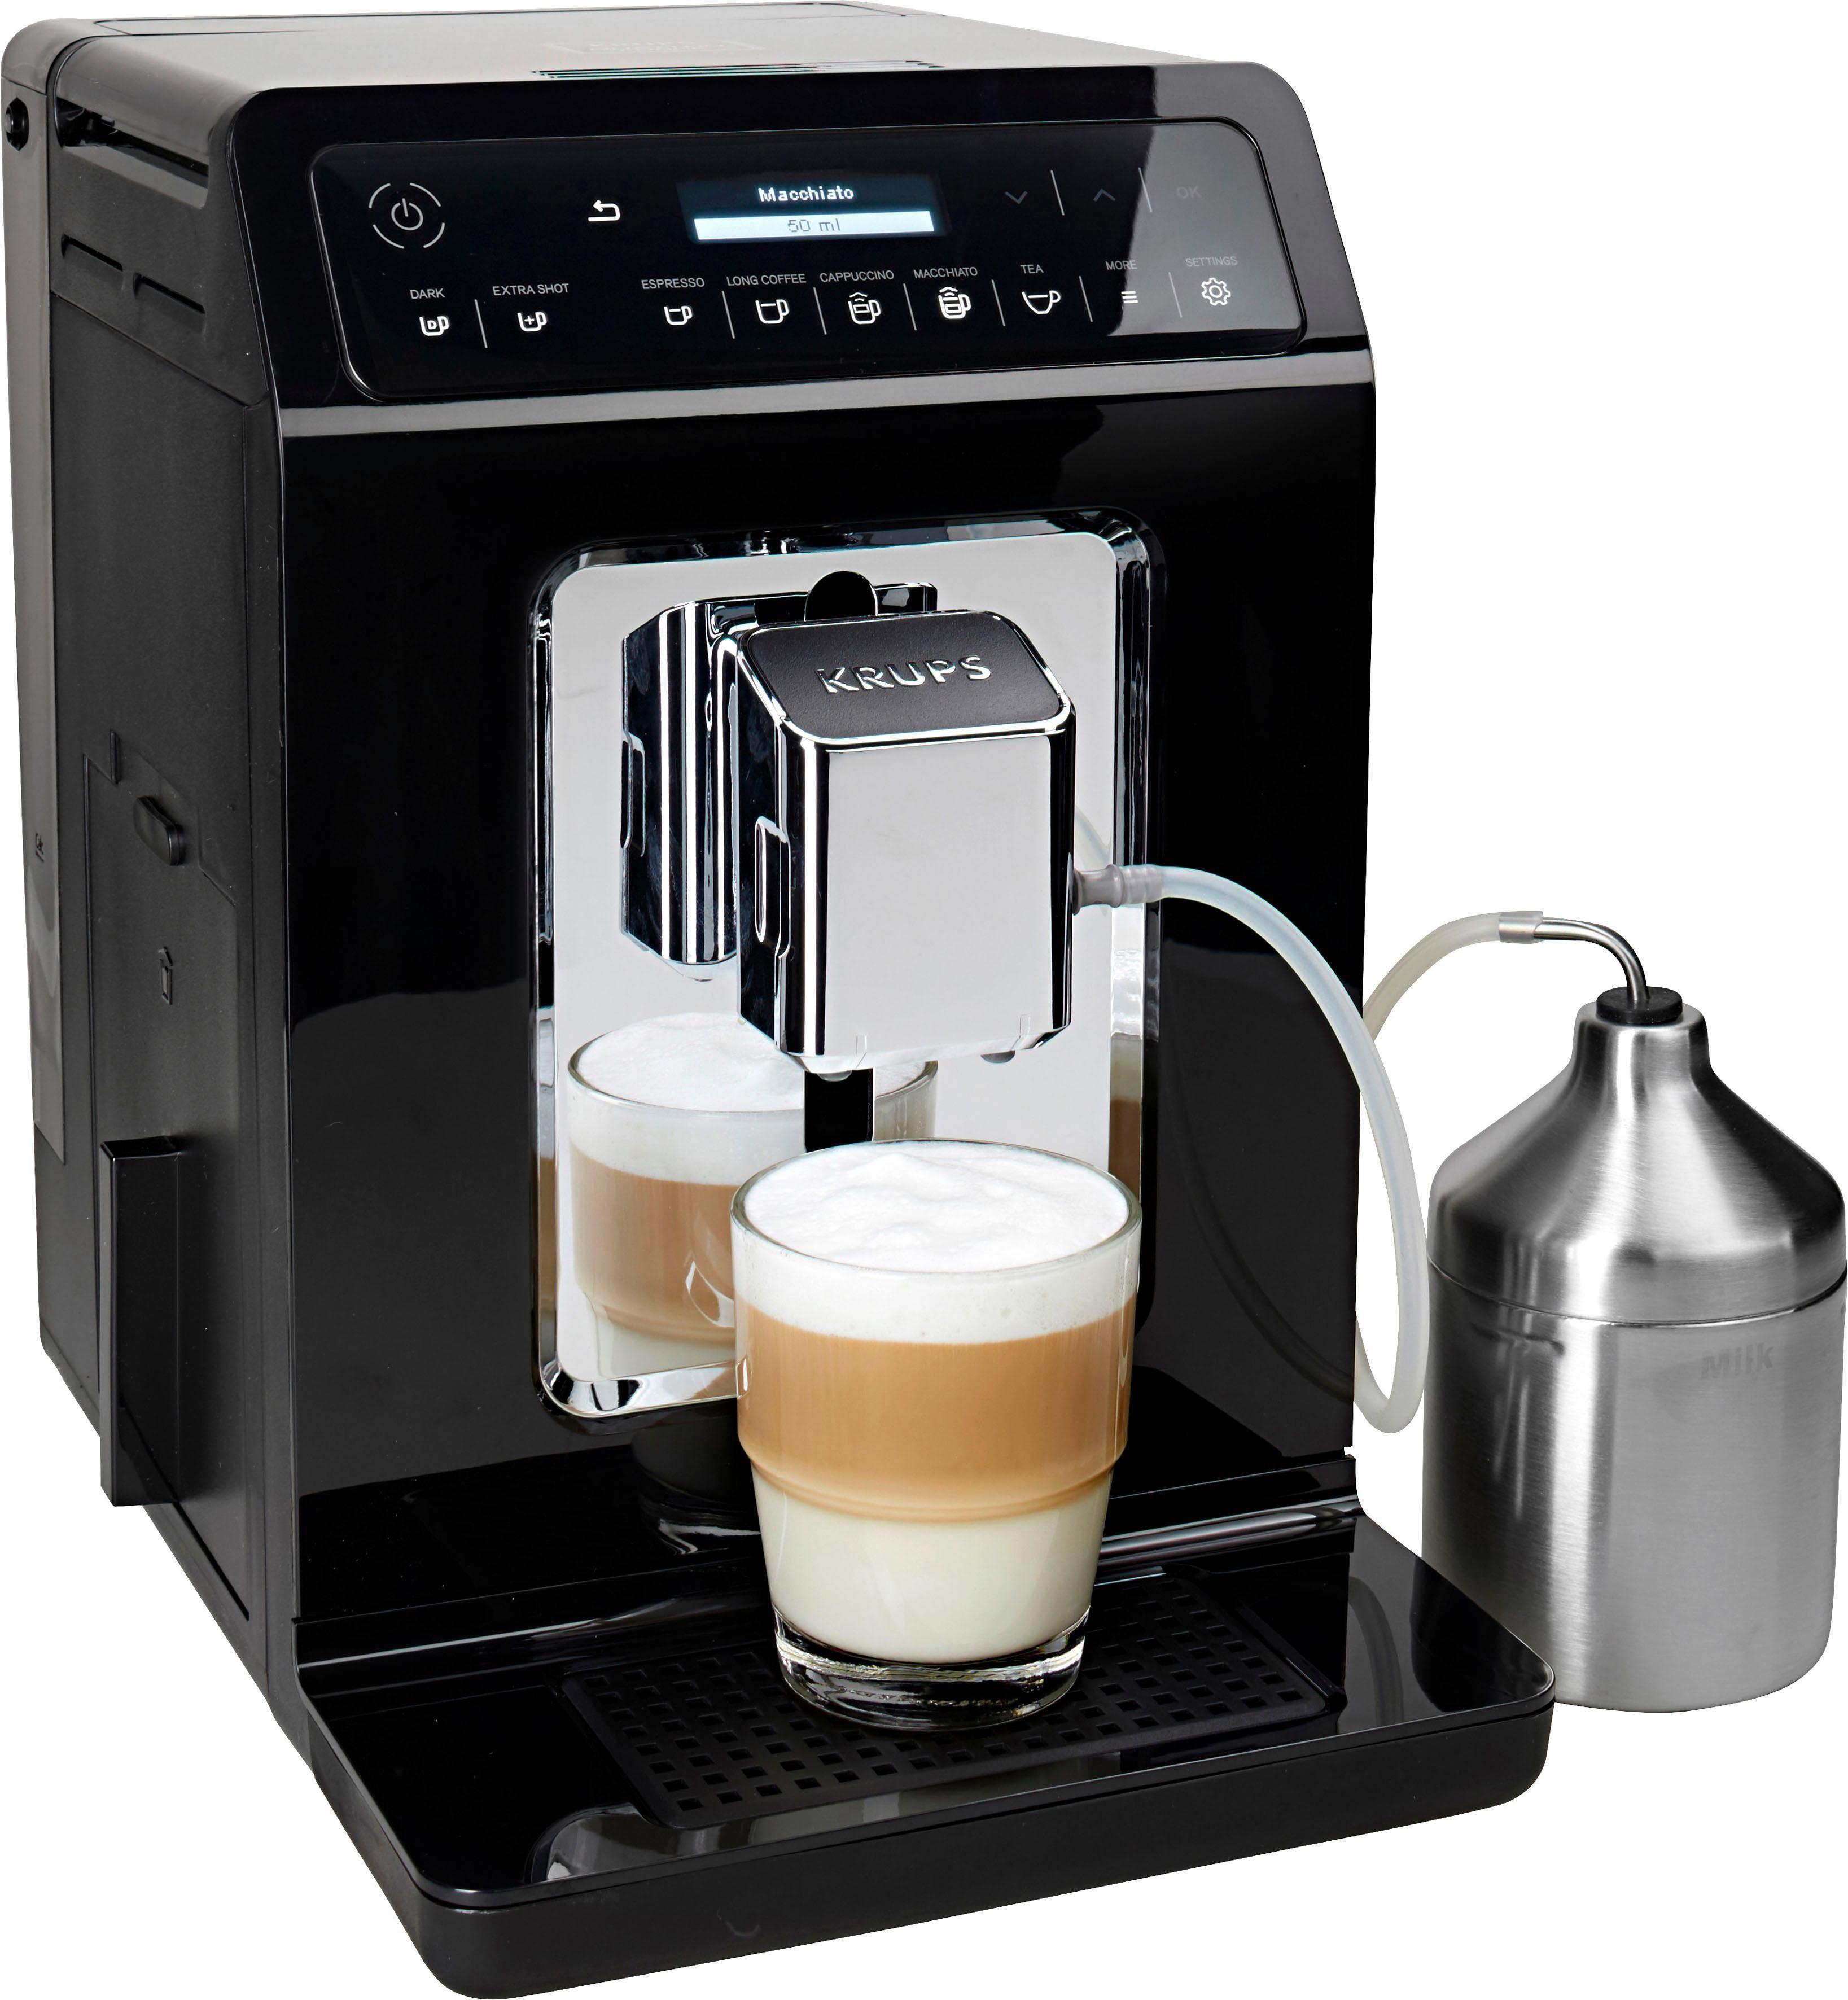 Krups Kaffeevollautomat Evidence EA8918, Doppel-Cappuccino-Funktion, 15 Getränkespezialitäten